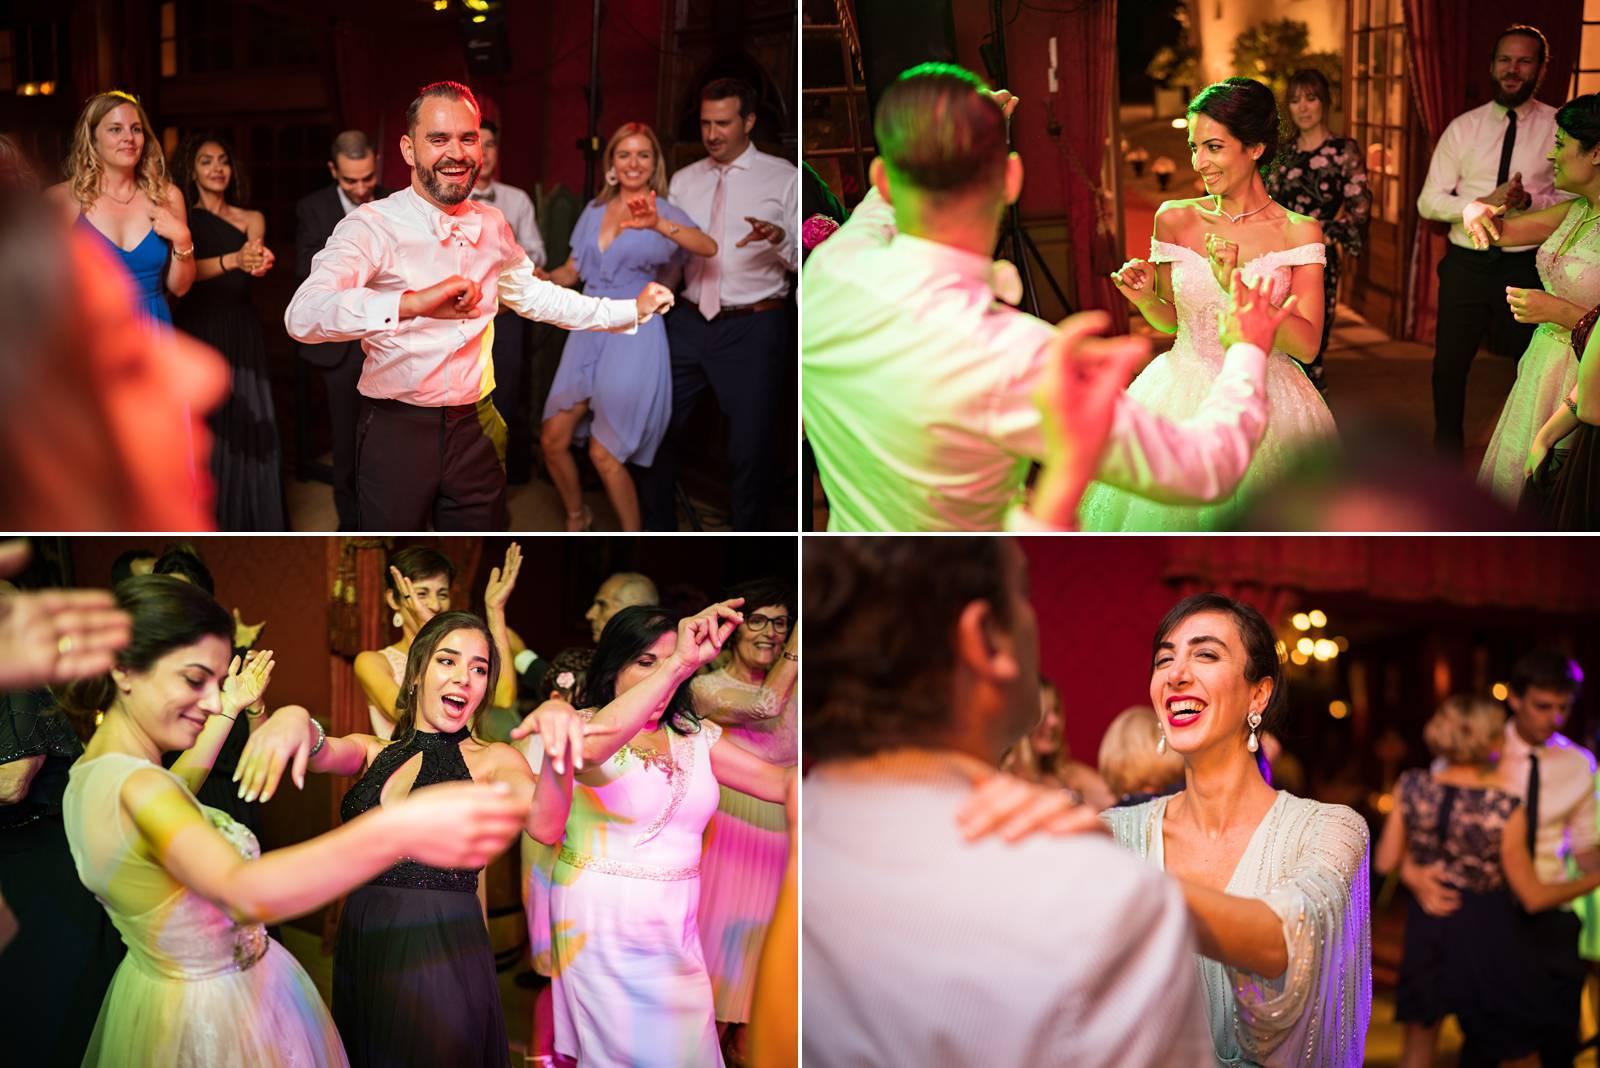 L'aperçu du mariage franco-libanais à Bouliac de Nicole et Sébastien puis au Château Pape Clément à Pessac. Alexandre Roschewitz Photographe Mariage.